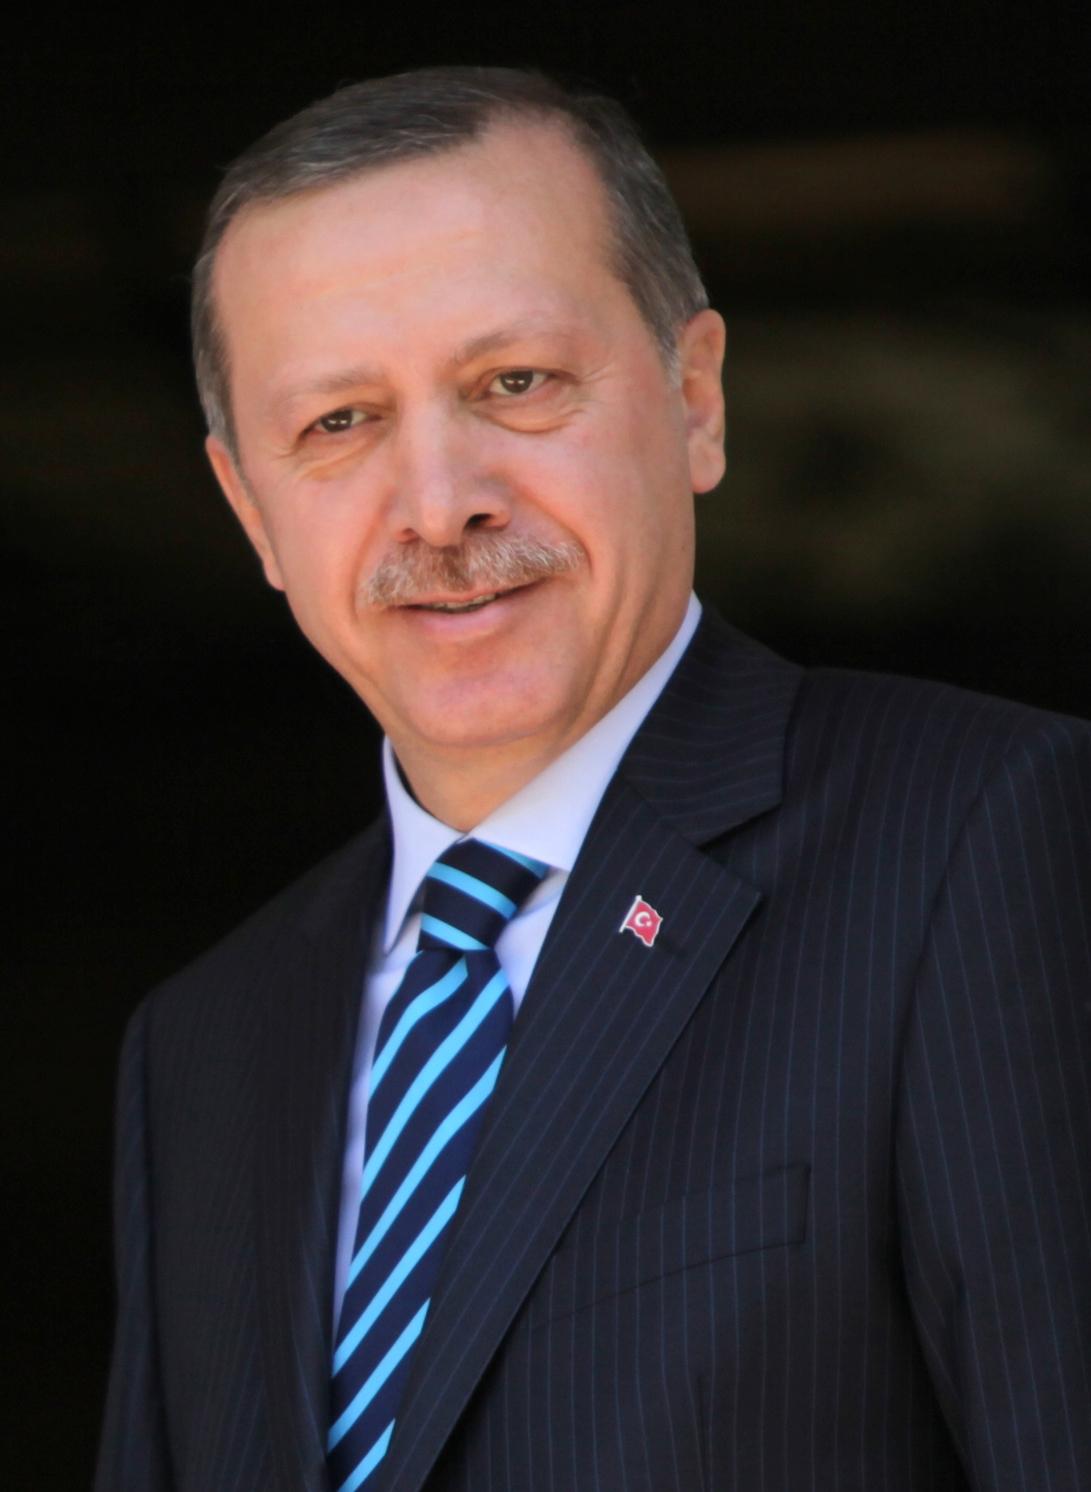 Tayyip_Erdoğan